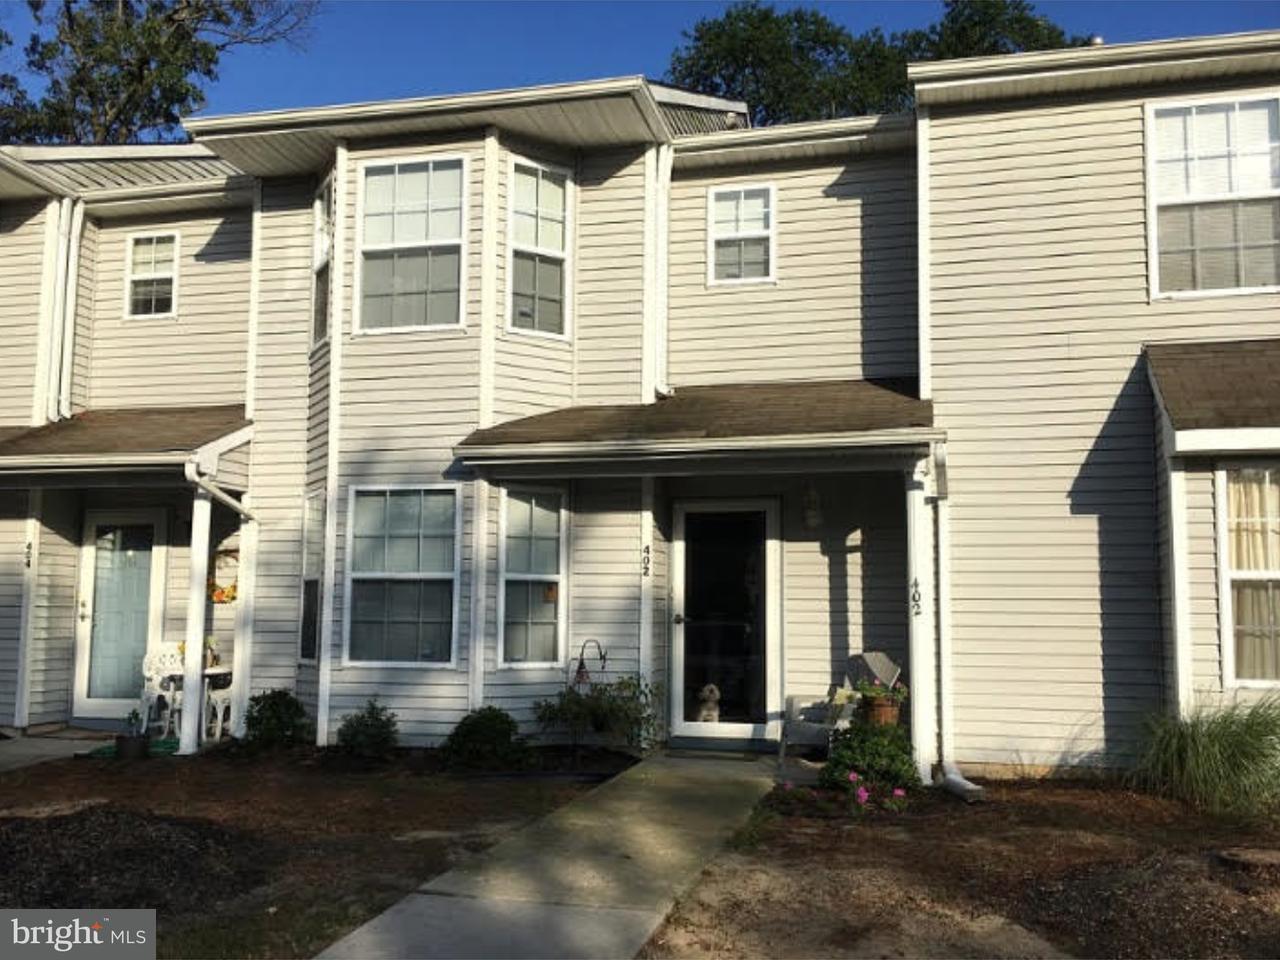 Casa unifamiliar adosada (Townhouse) por un Venta en 402 ACCOLON Court Mantua, Nueva Jersey 08051 Estados Unidos